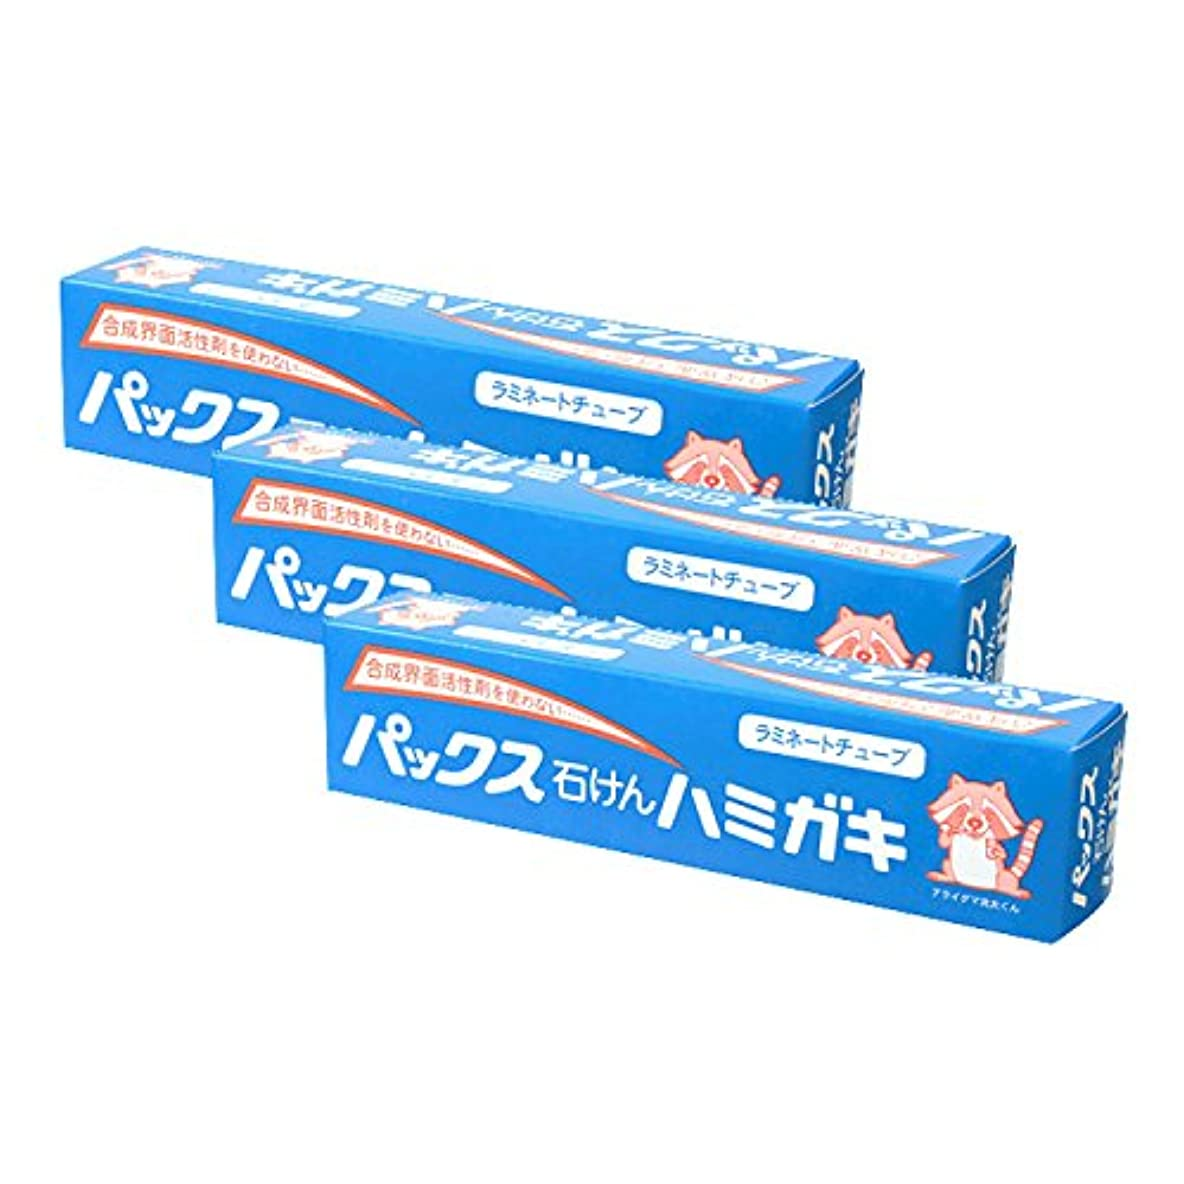 プロット汚染された冷蔵庫【まとめ買い】パックス石けんハミガキ 140g×3